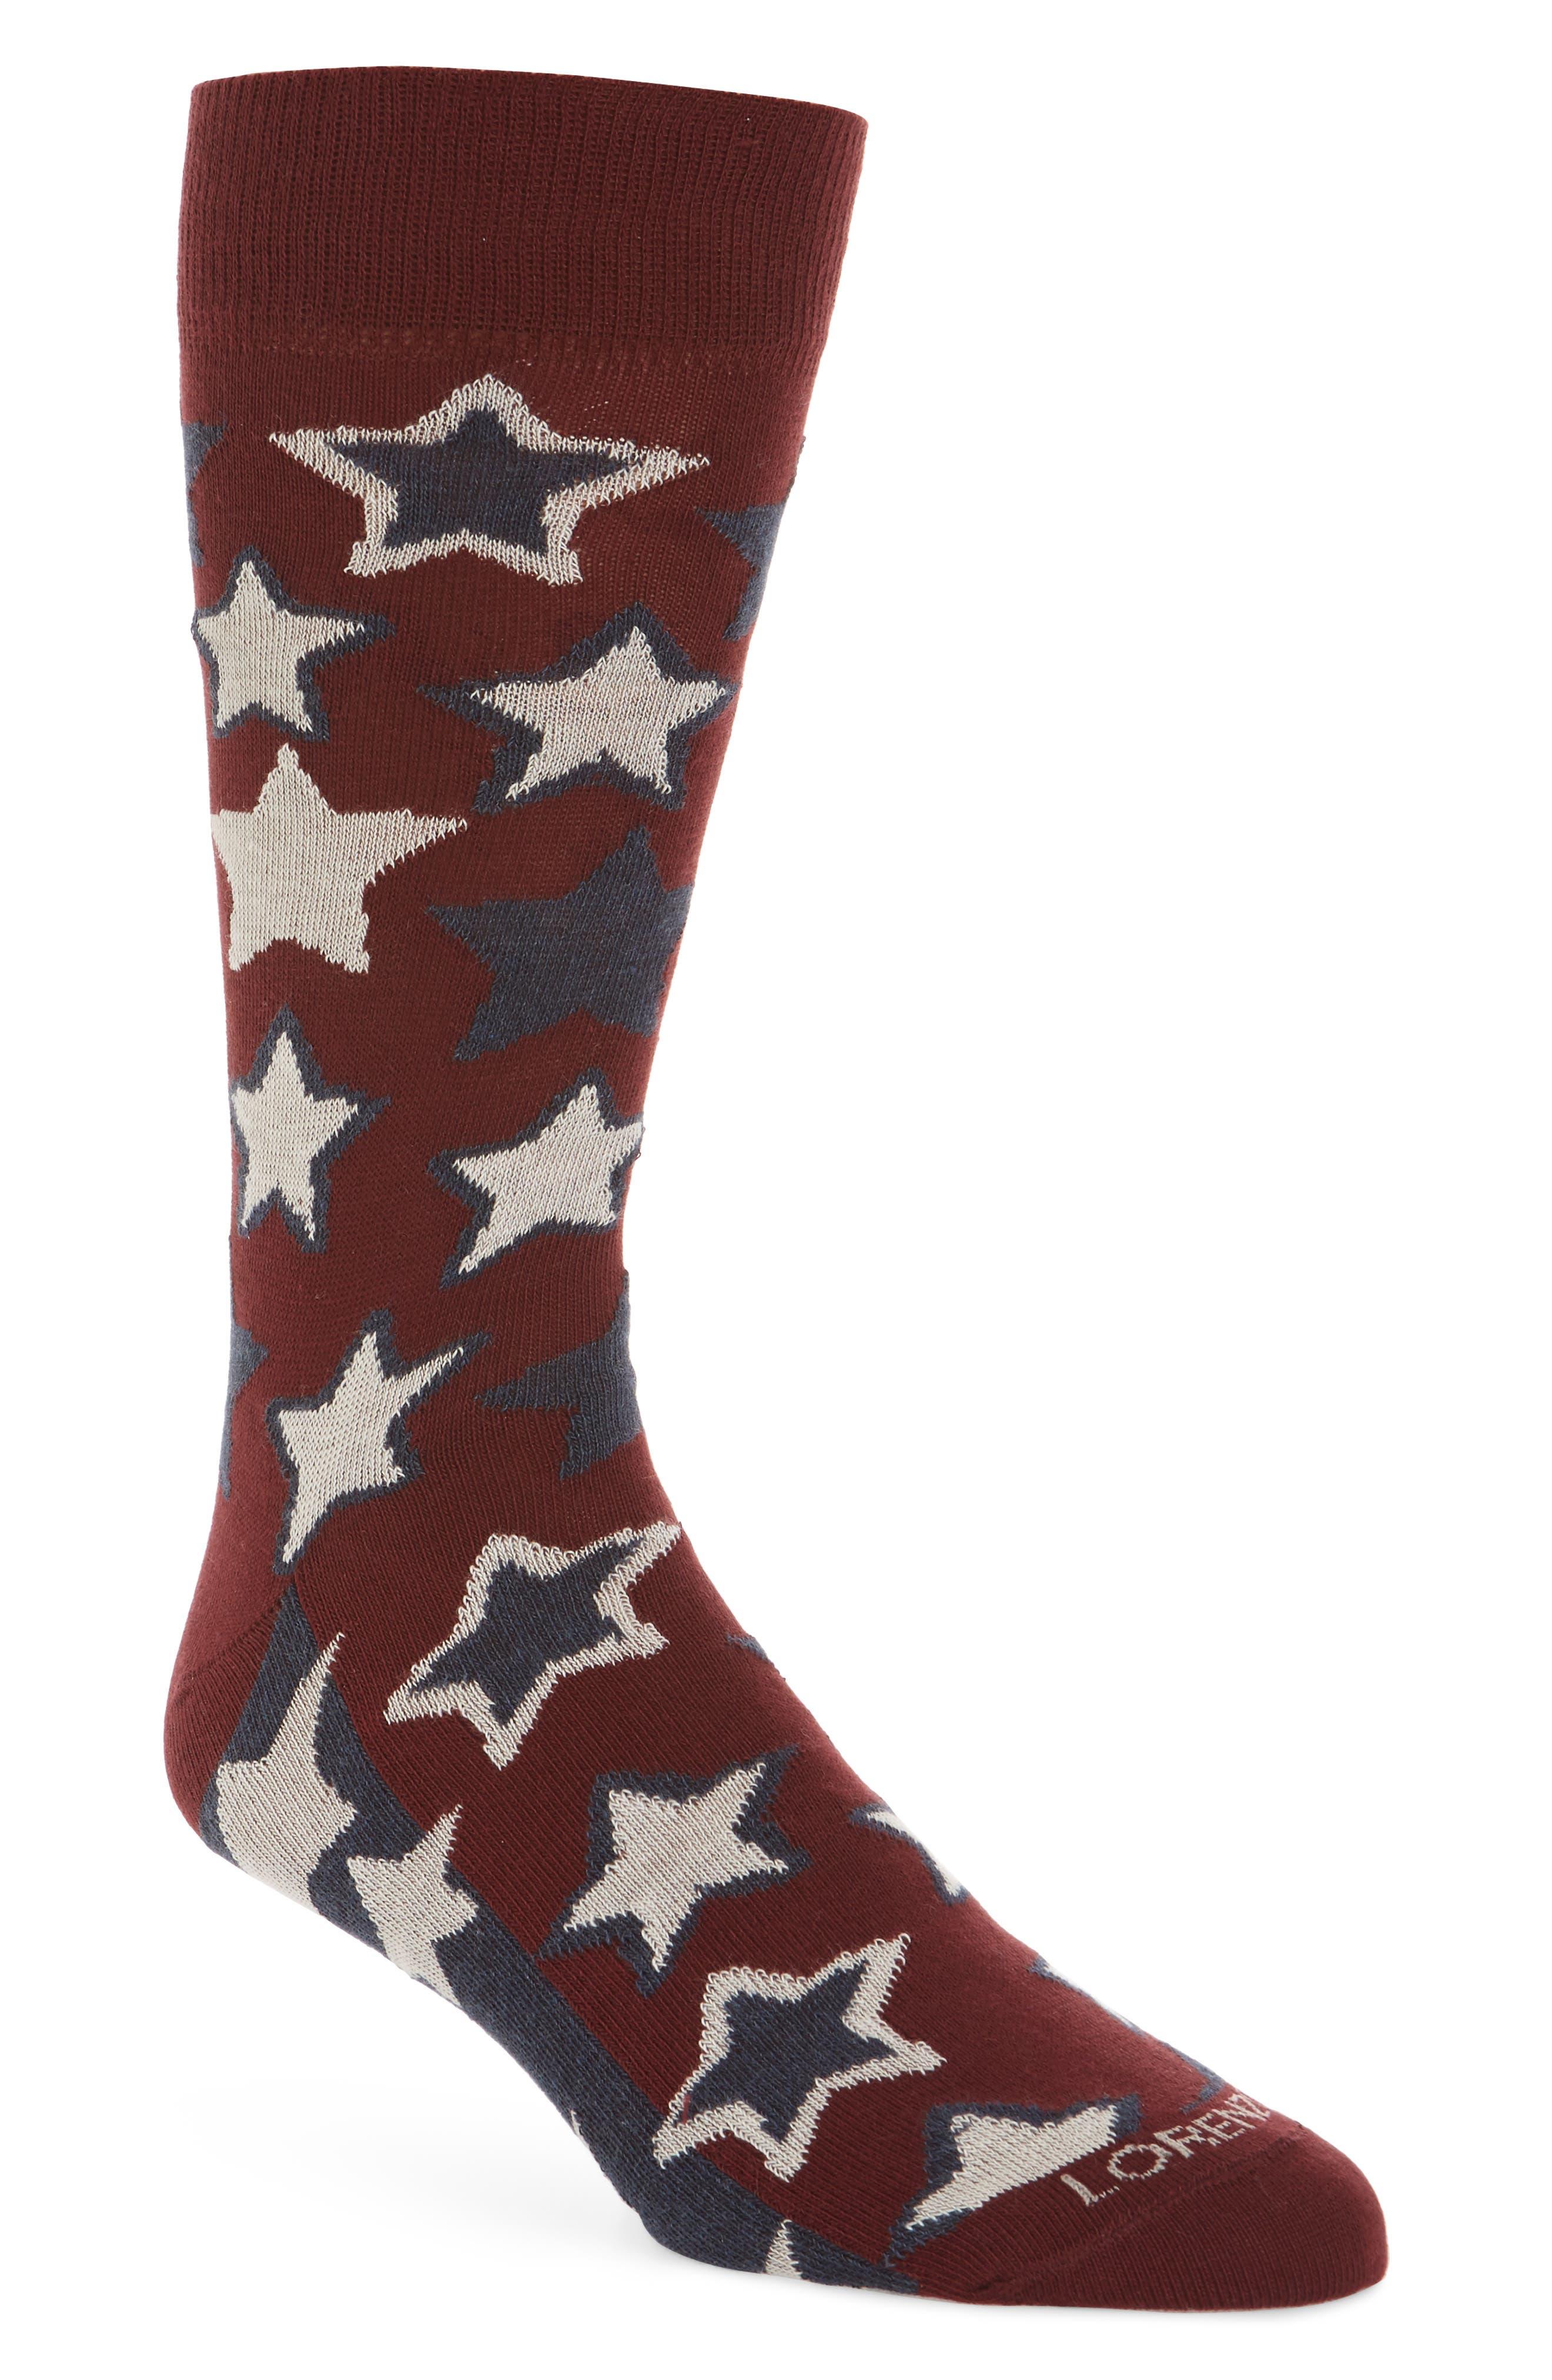 Lorenzo Uomo Red Stars Crew Socks